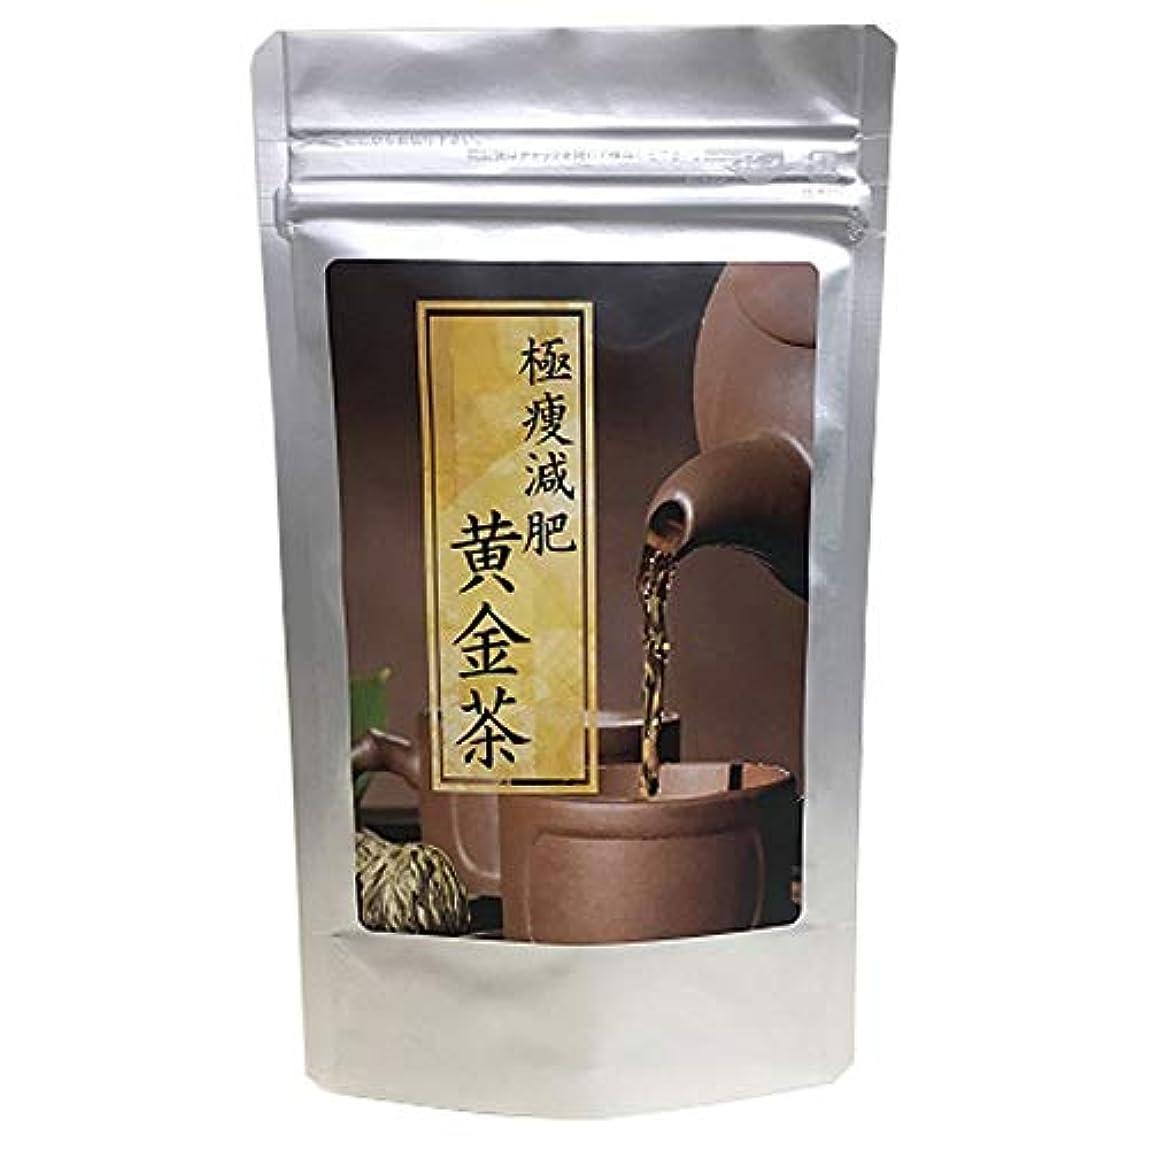 エキサイティングタイマー拮抗極痩減肥黄金茶